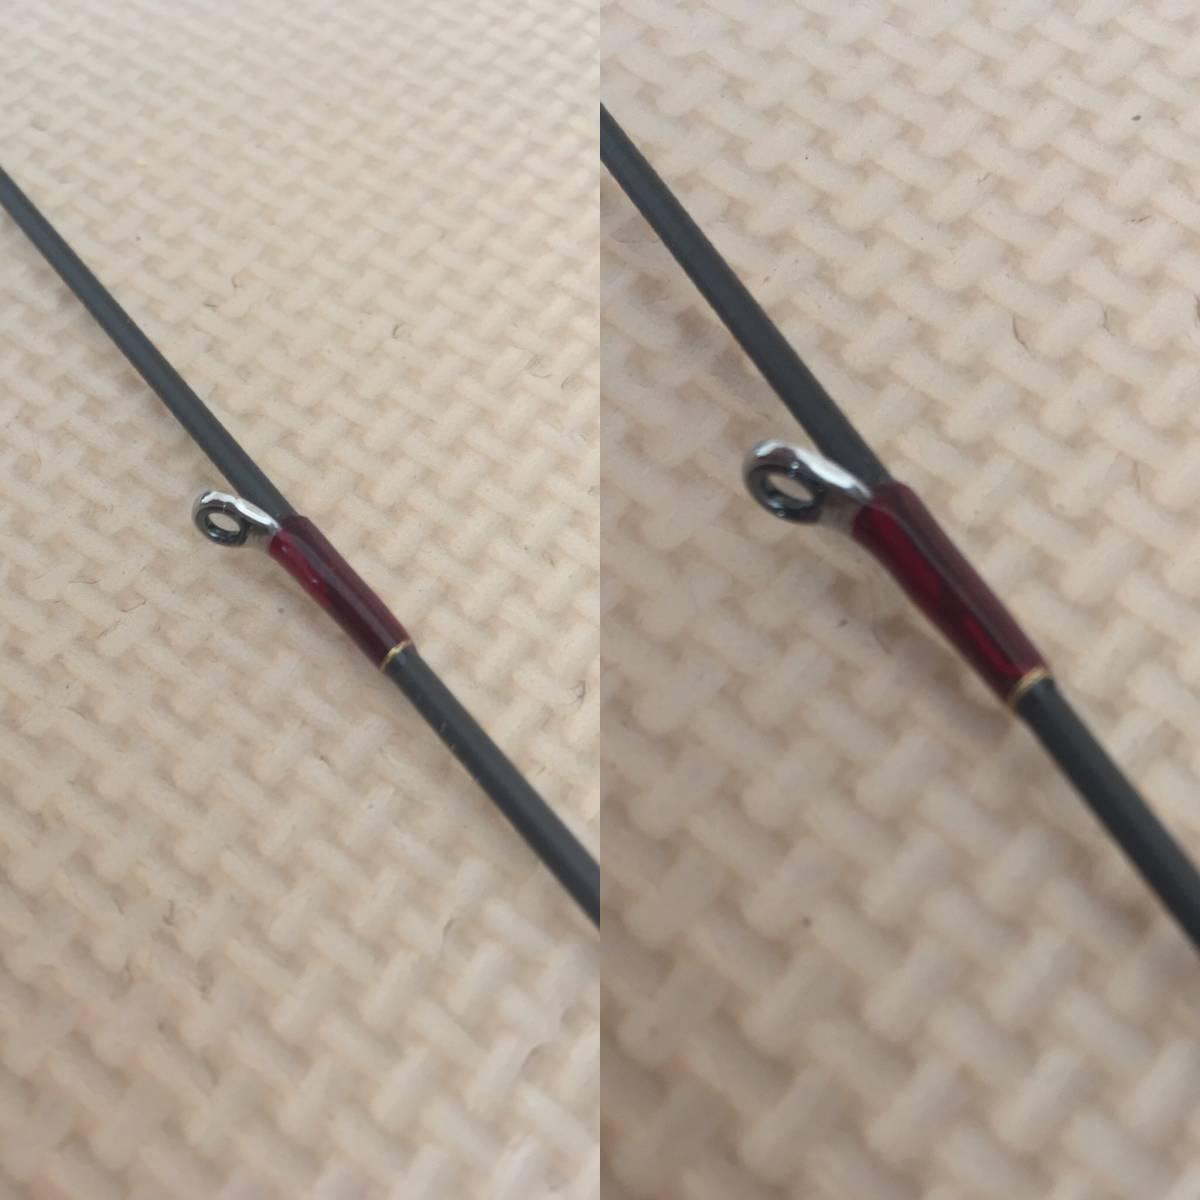 新品 TENRYU(テンリュウ)Red Flip(レッドフリップ) RF661B-L (TAI-RUBBER)  保証書・袋付 タイラバロッド-日本代购网图片3链接